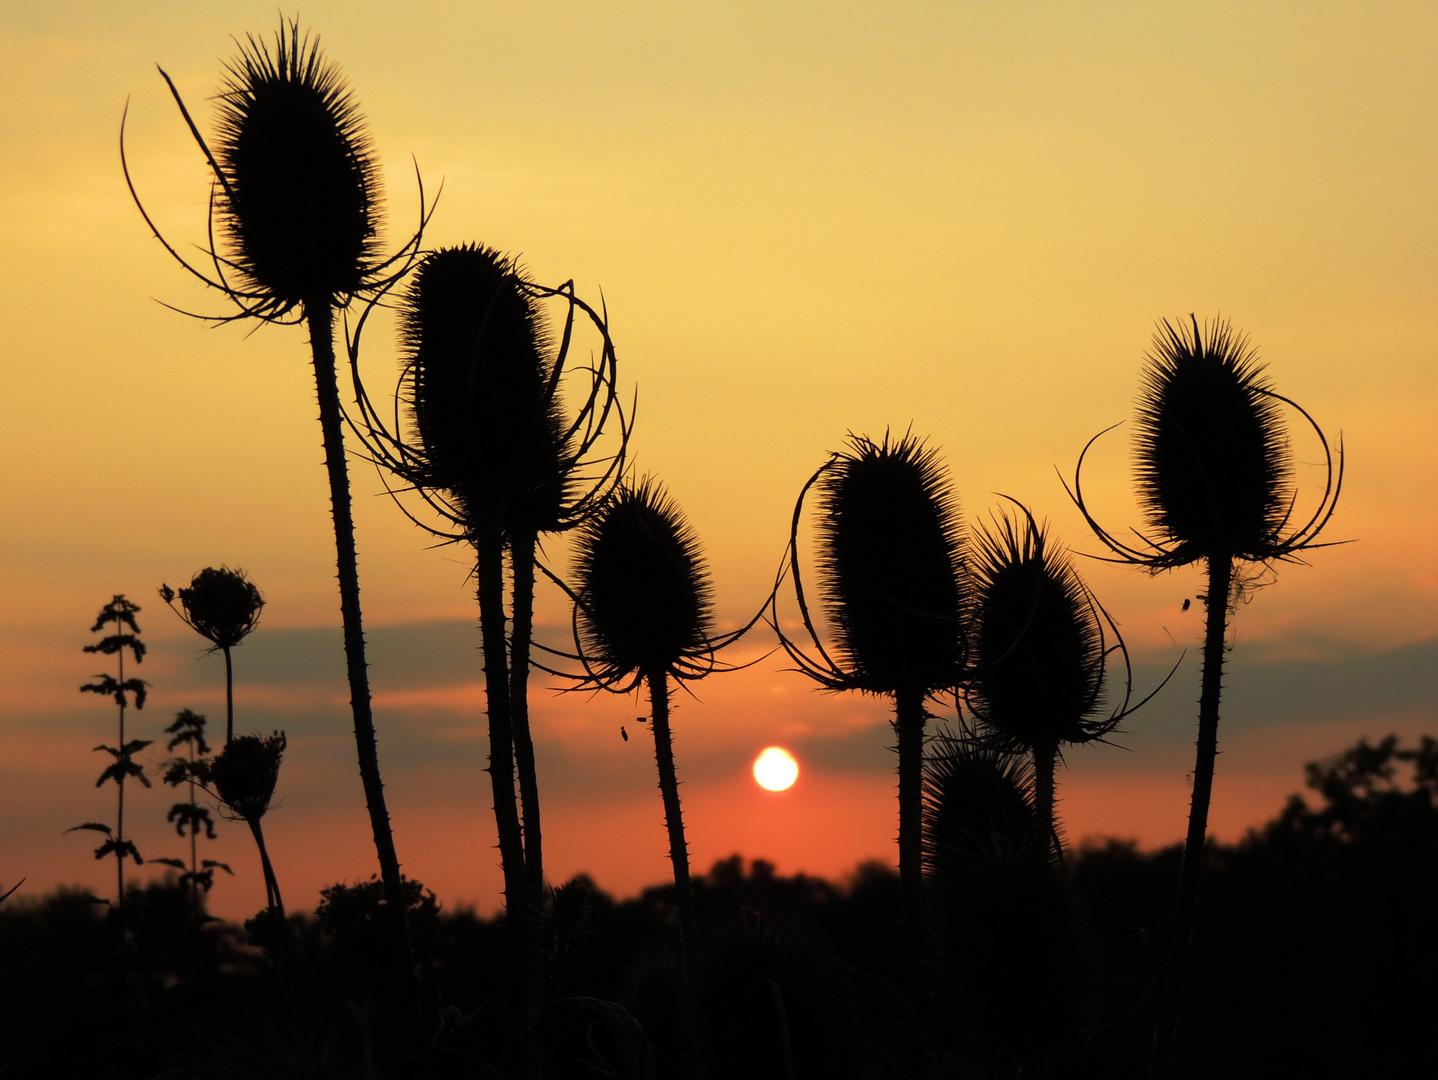 Pieksender Sonnenuntergang